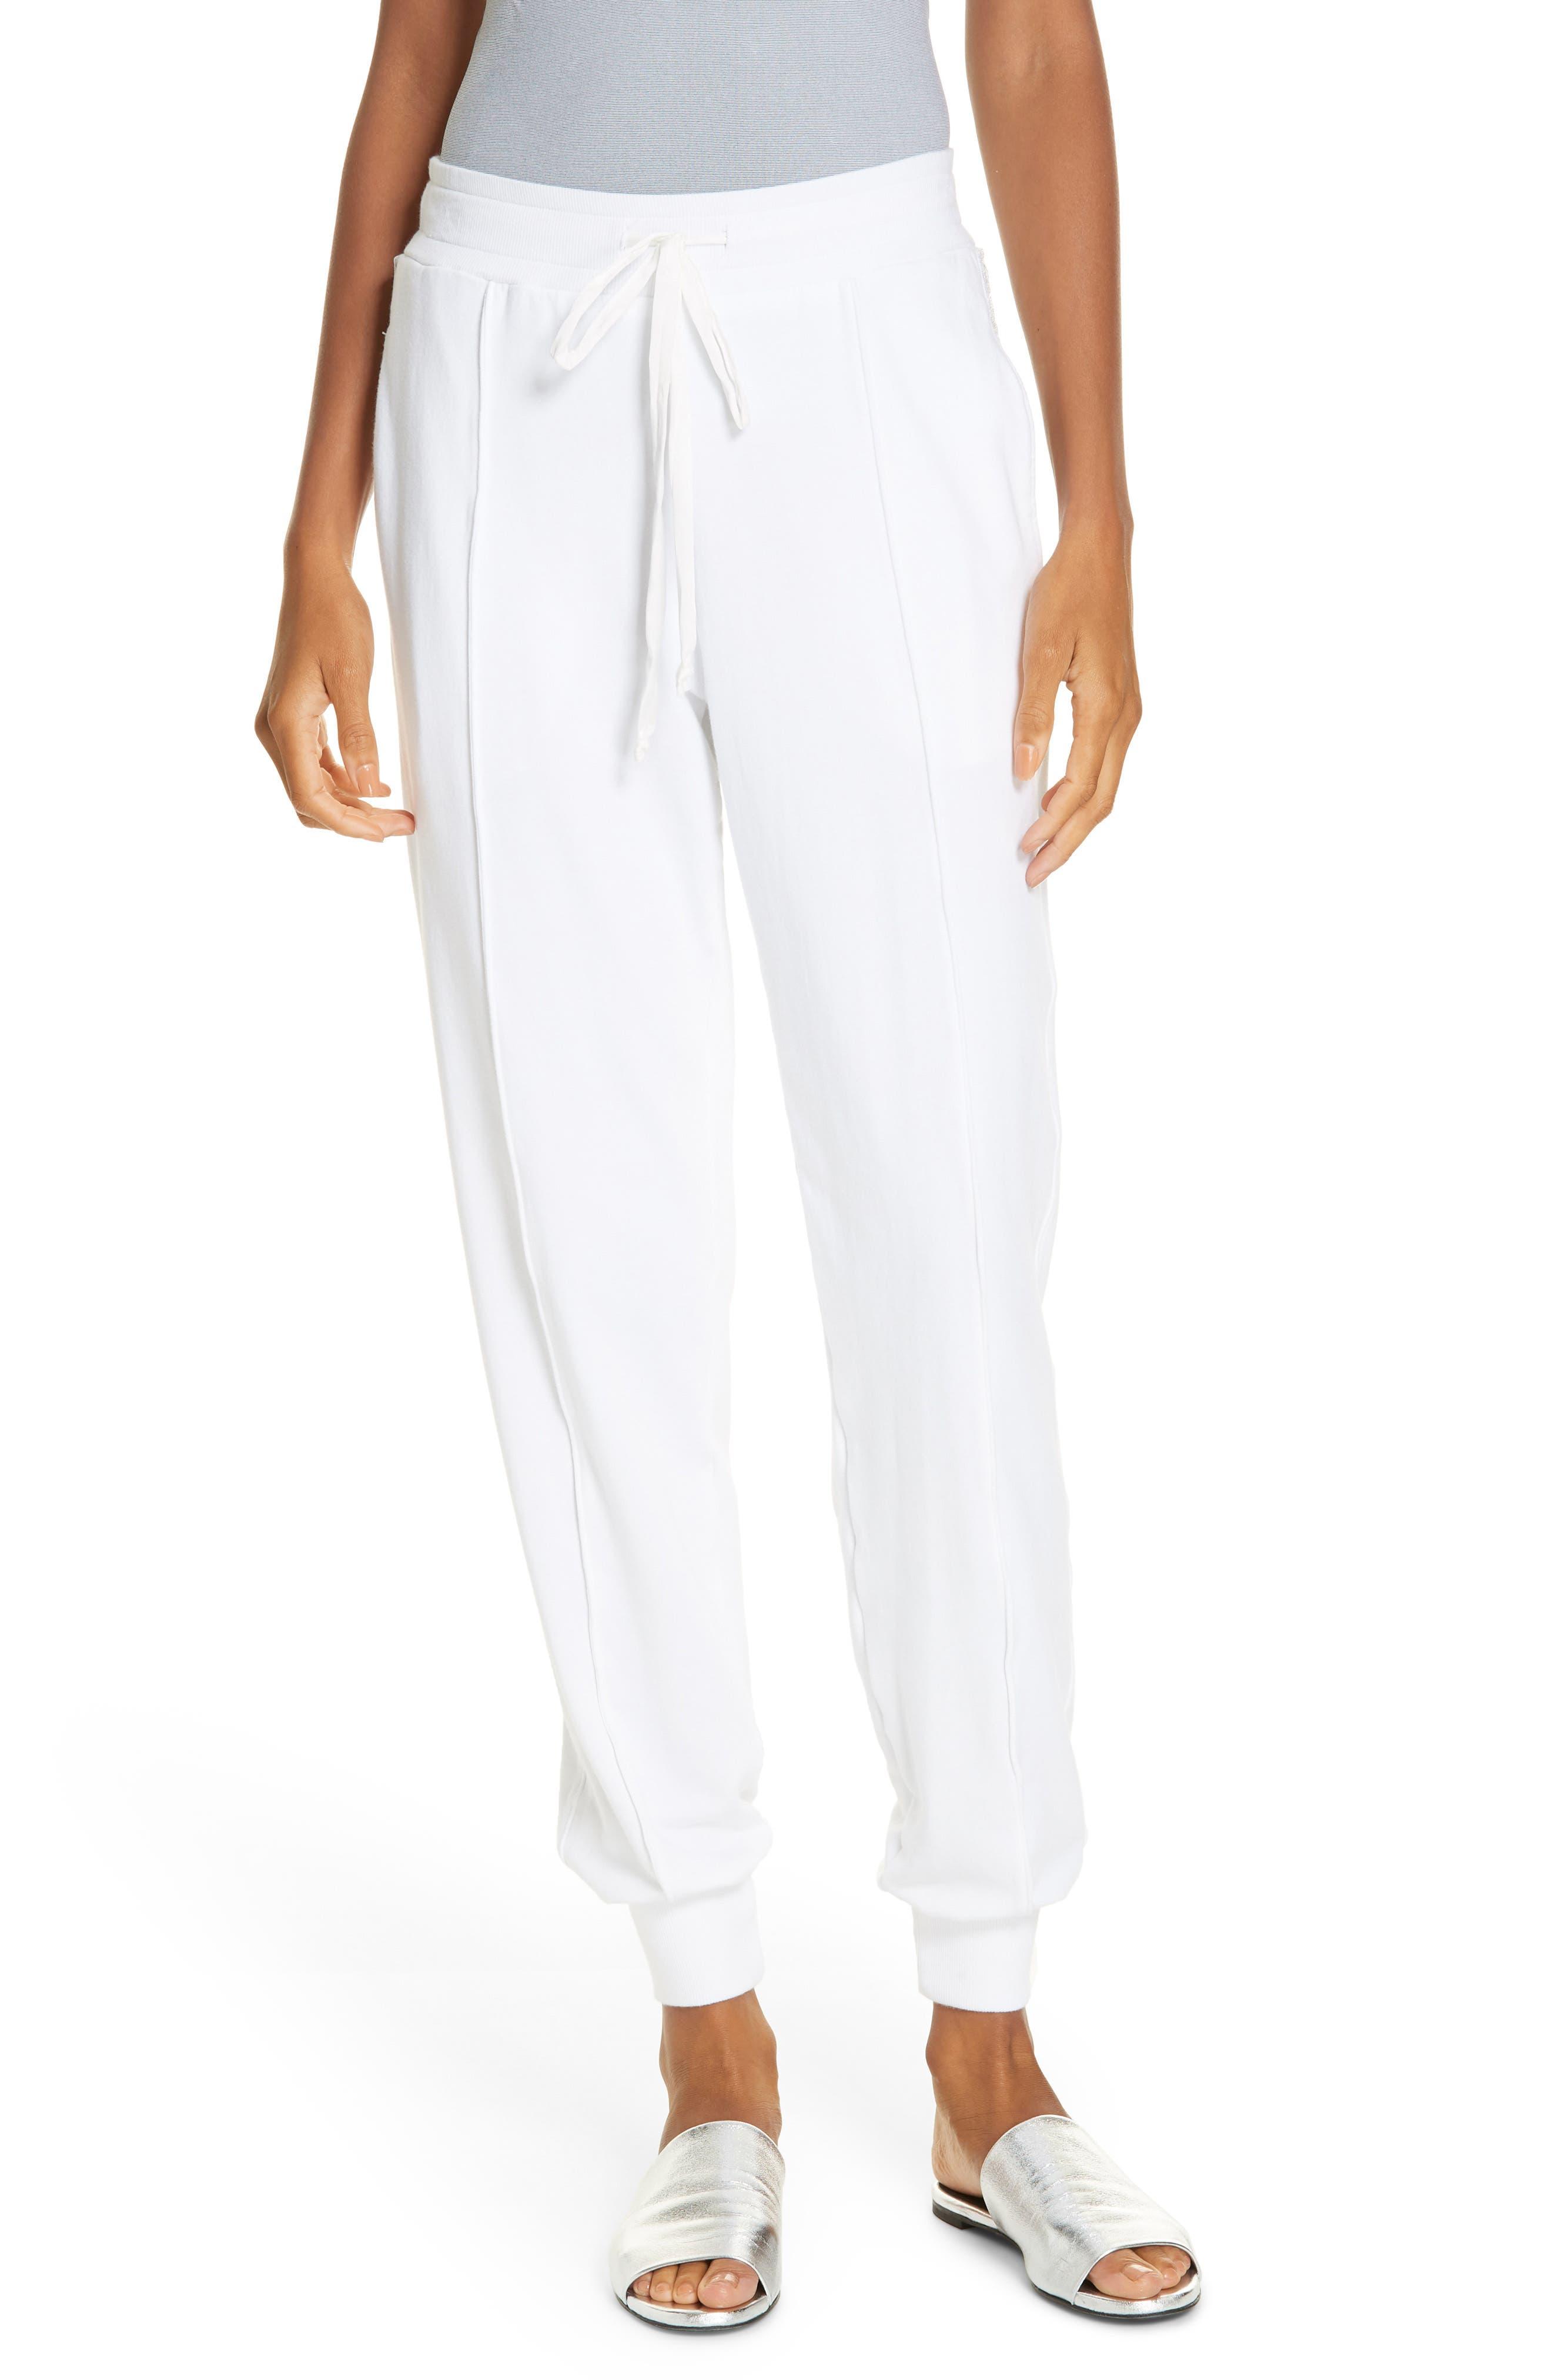 Sequin Cotton Blend Jogger Pants,                             Main thumbnail 1, color,                             WHITE